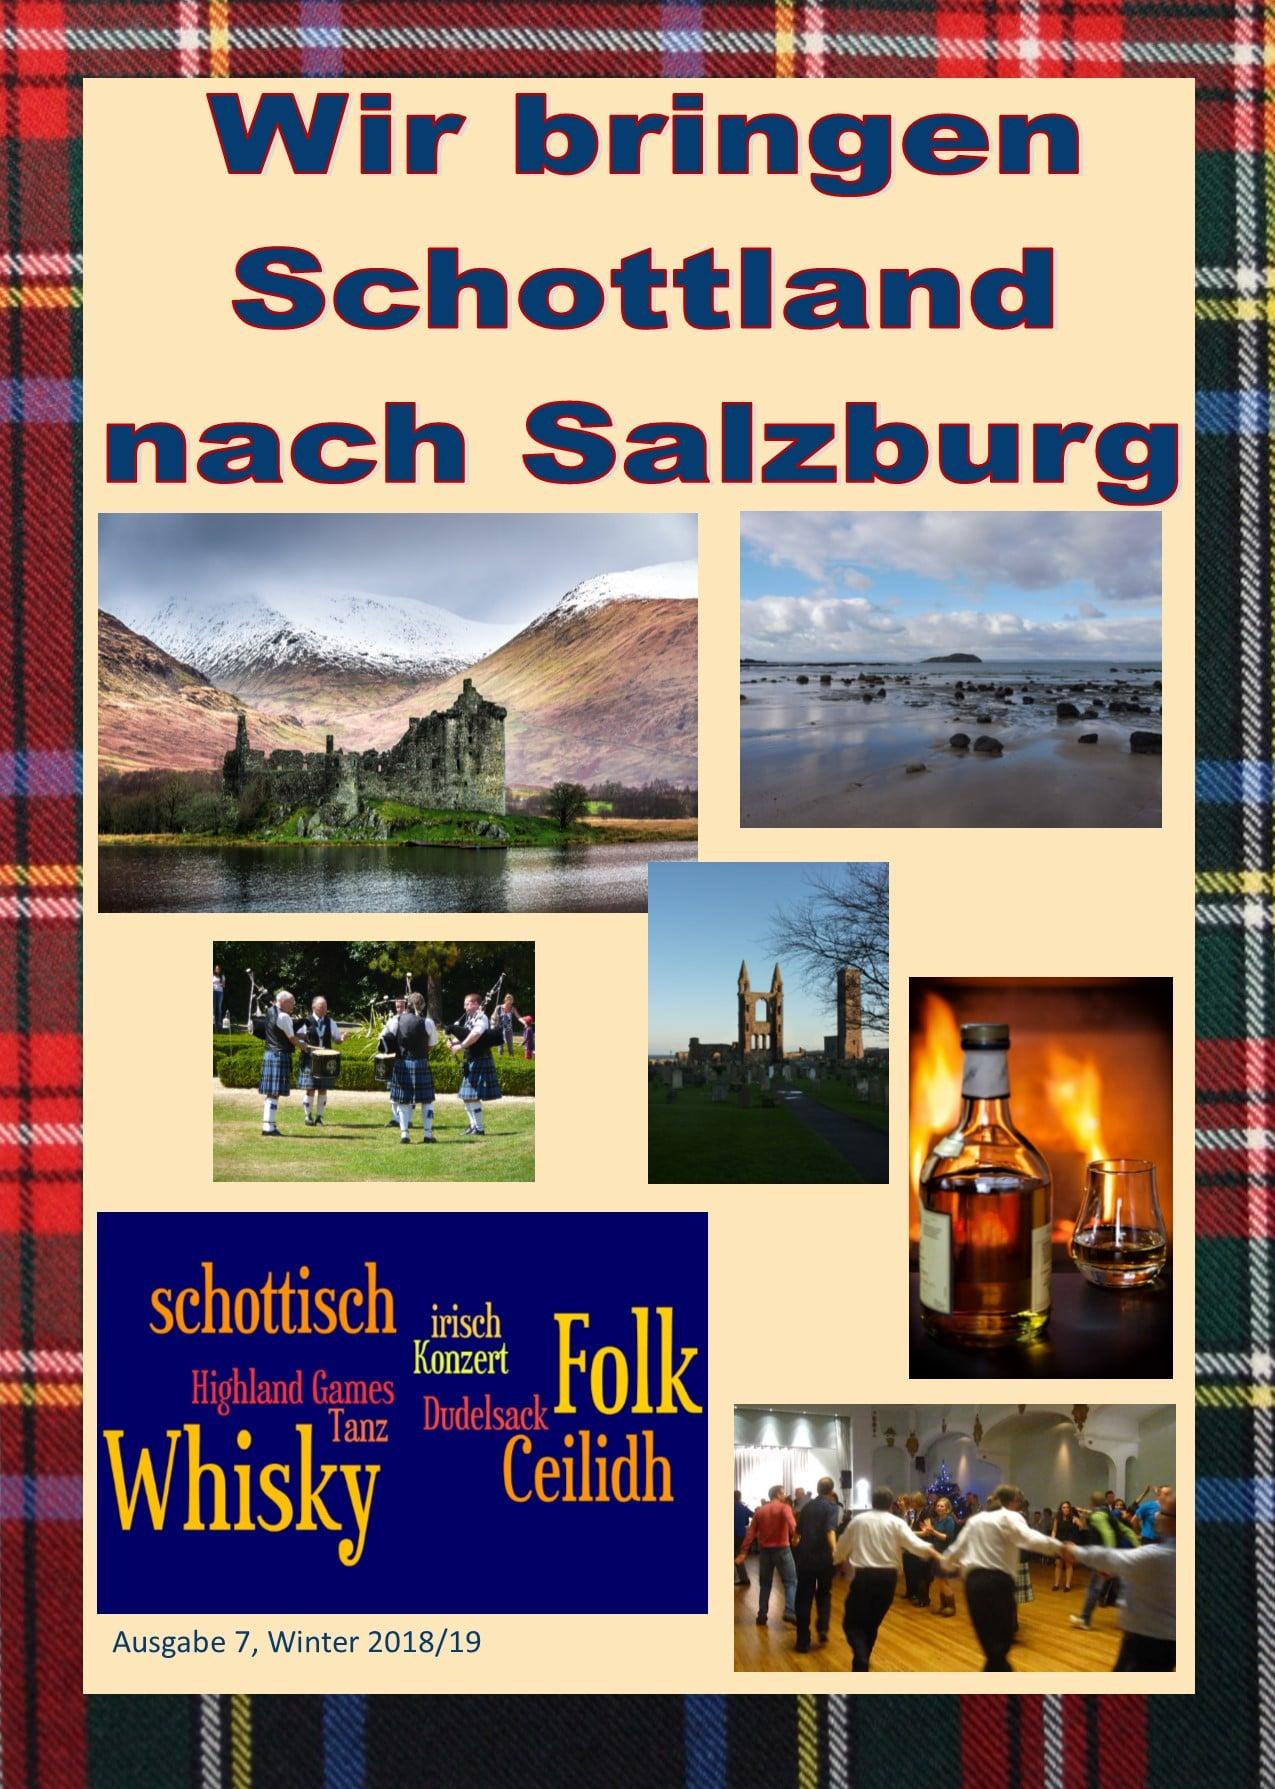 Schottland Zeitschrift Winter 2018/19